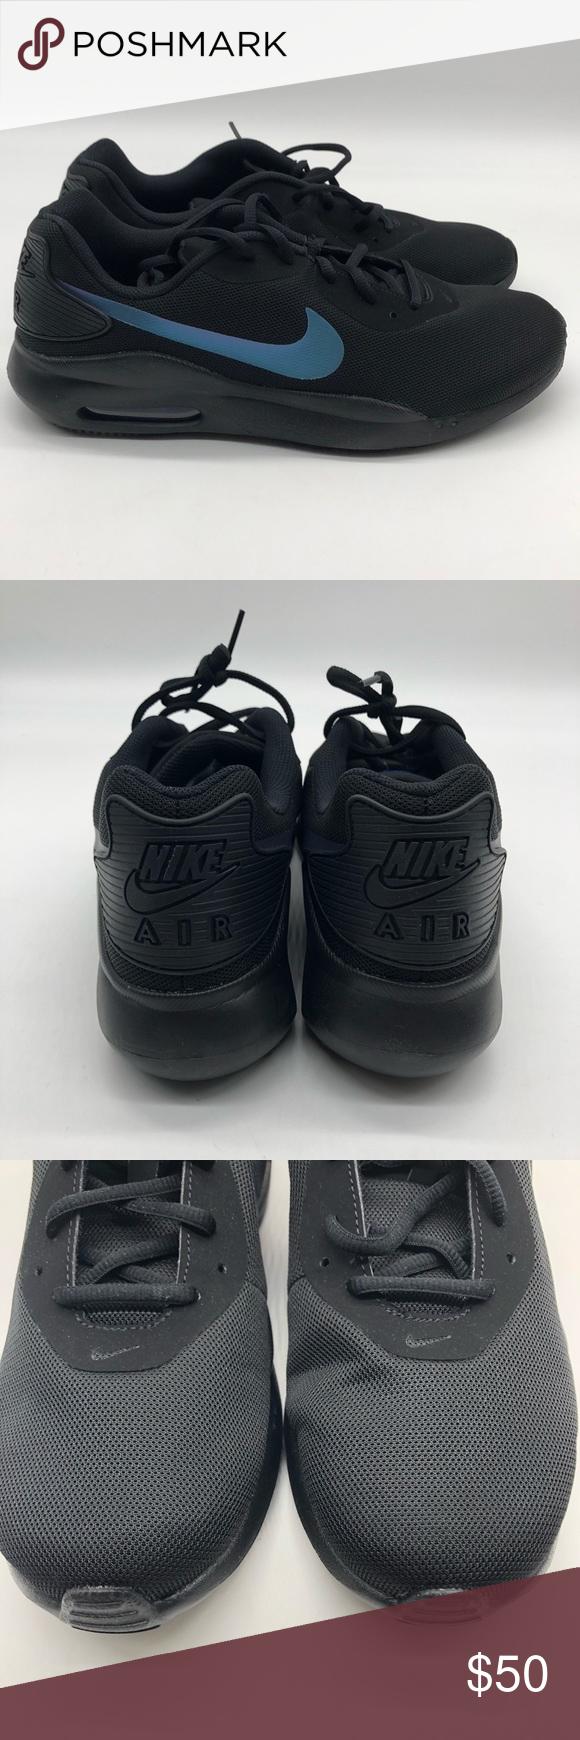 Sz 11.5 Nike Air Max Oketo Black